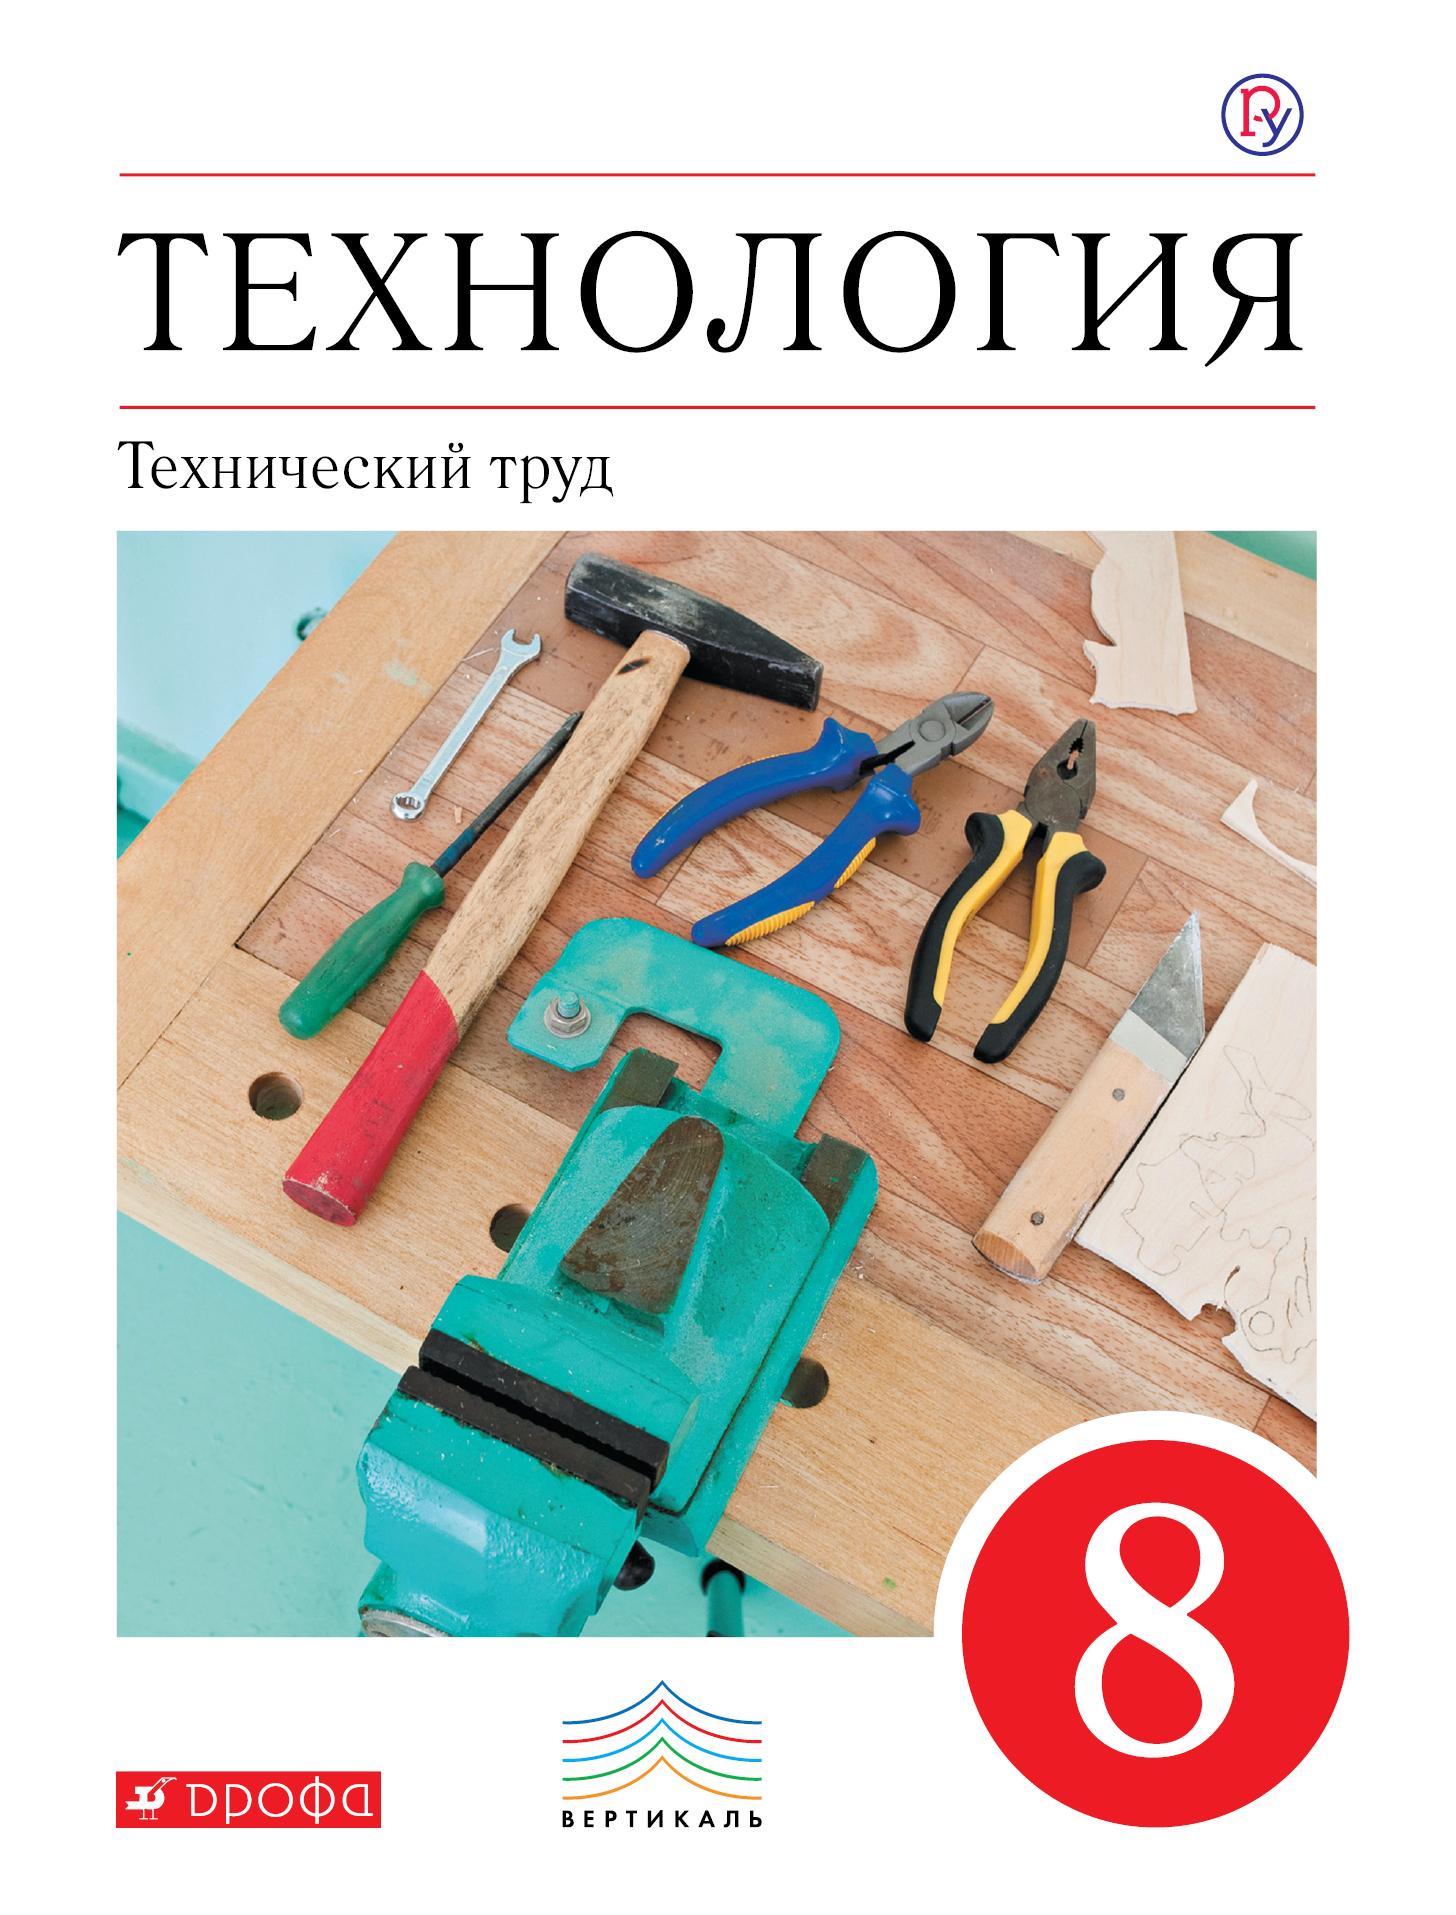 Технология. Технический труд. 8 класс Афонин Блинов Володин